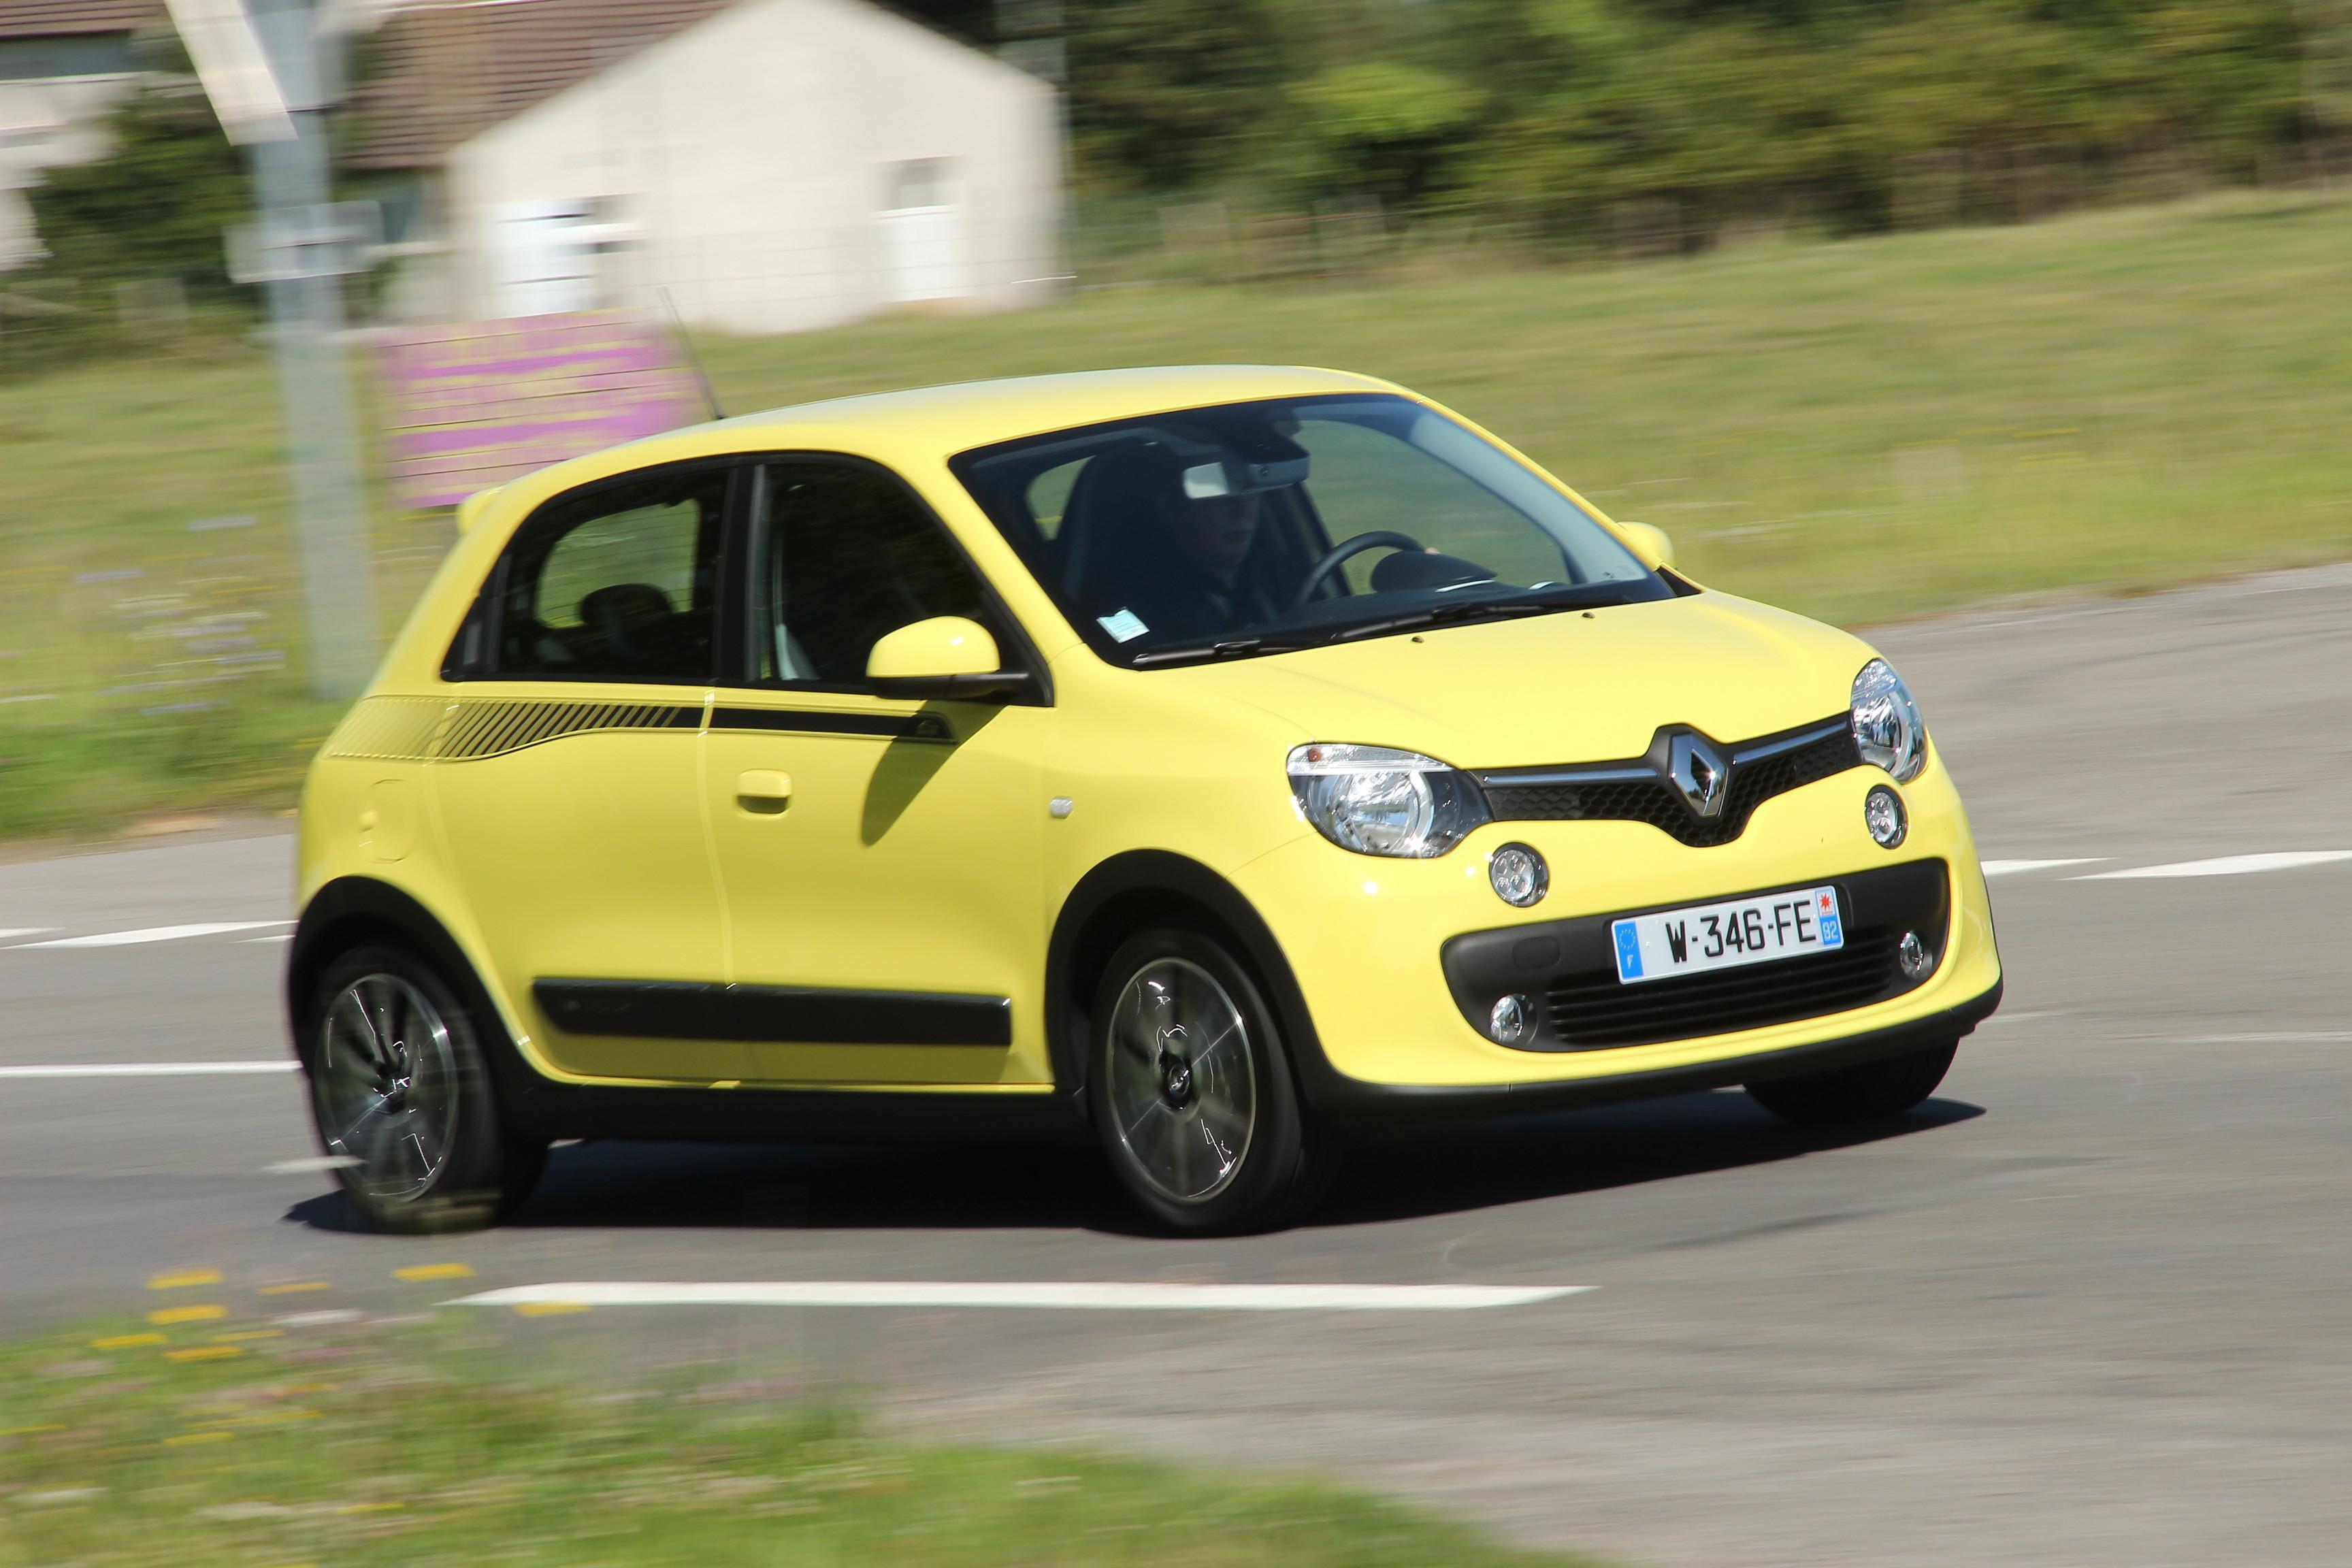 La Renault Twingo version électrique arrivera dans nos contrées d'ici cet été